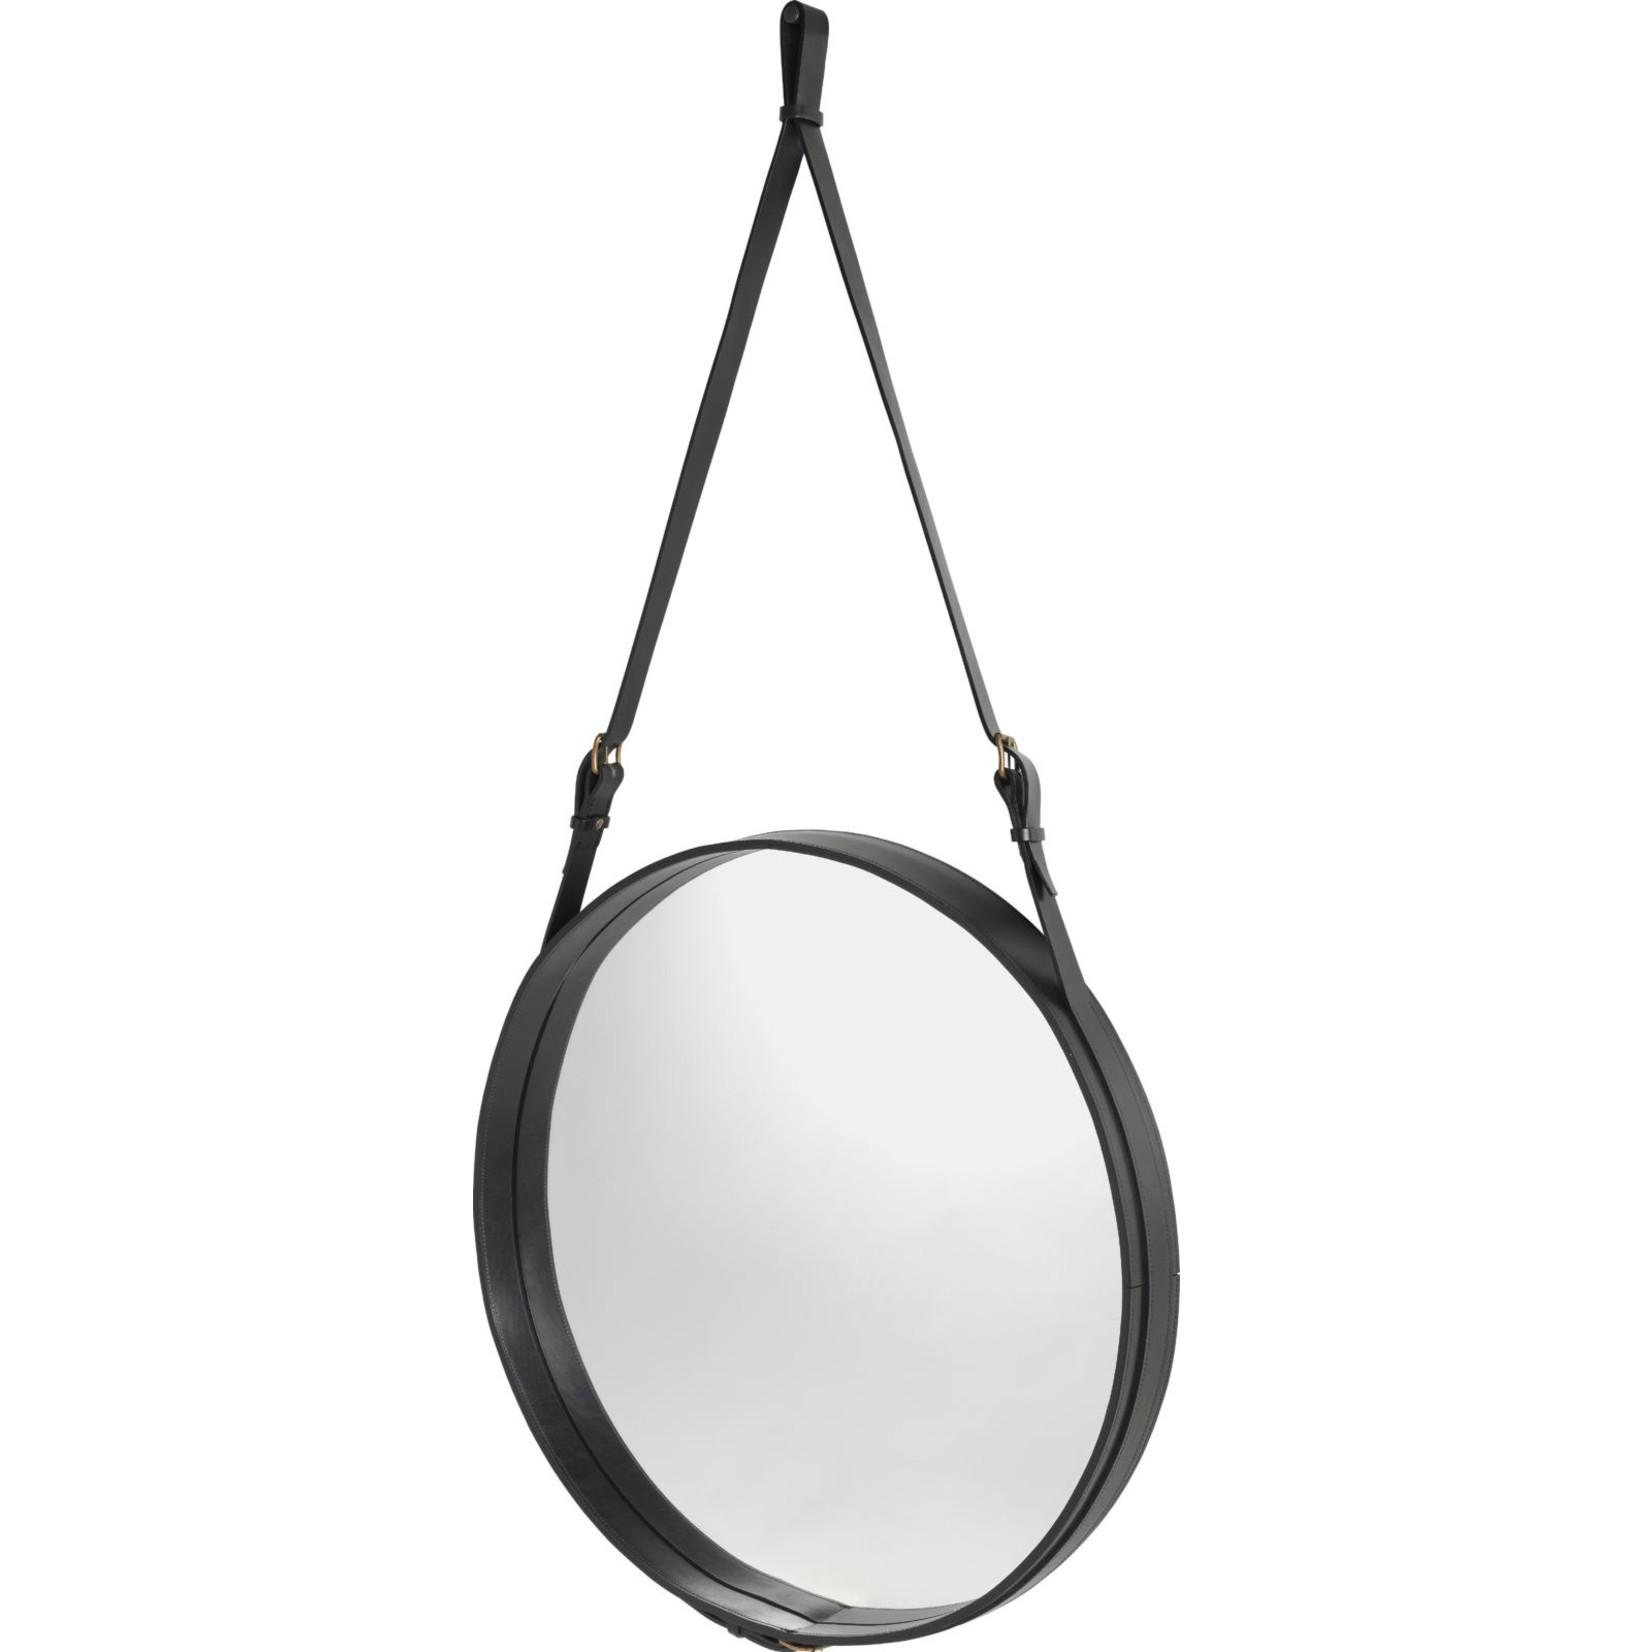 Gubi Miroir mural Adnet - Rond - Ø70 - Cuir noir